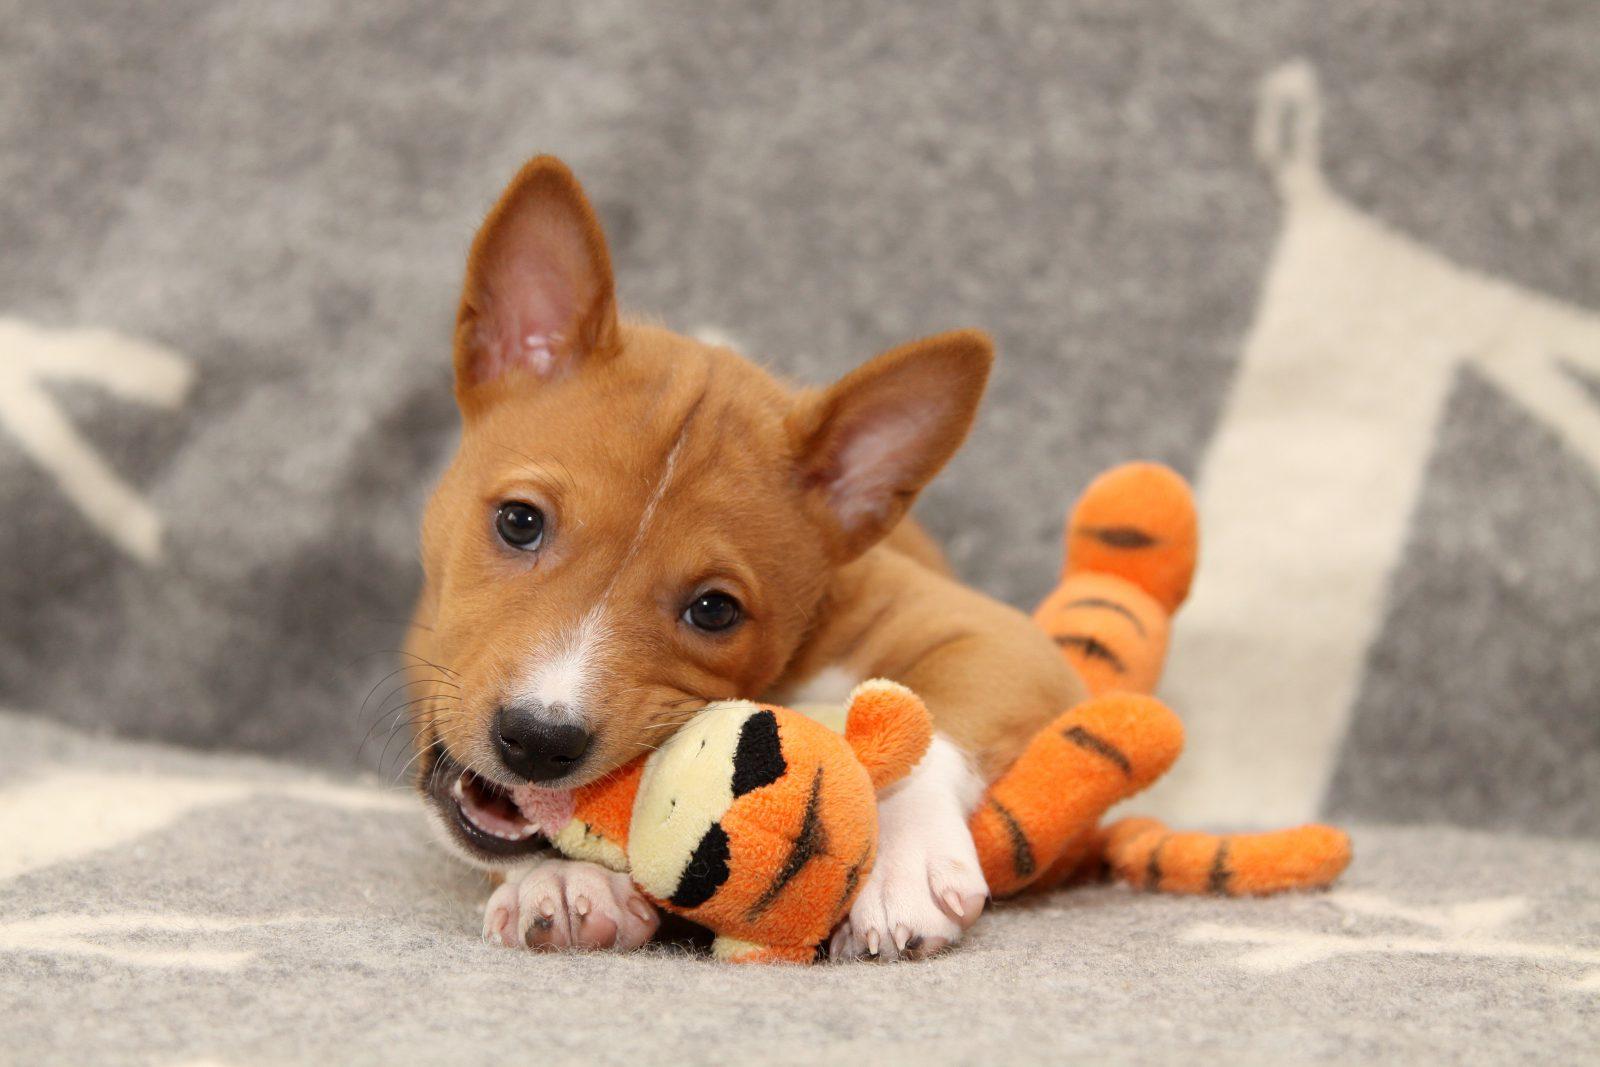 Brinquedos para cachorro idoso: Basenji mordendo seu bichinho de pelúcia favorito.